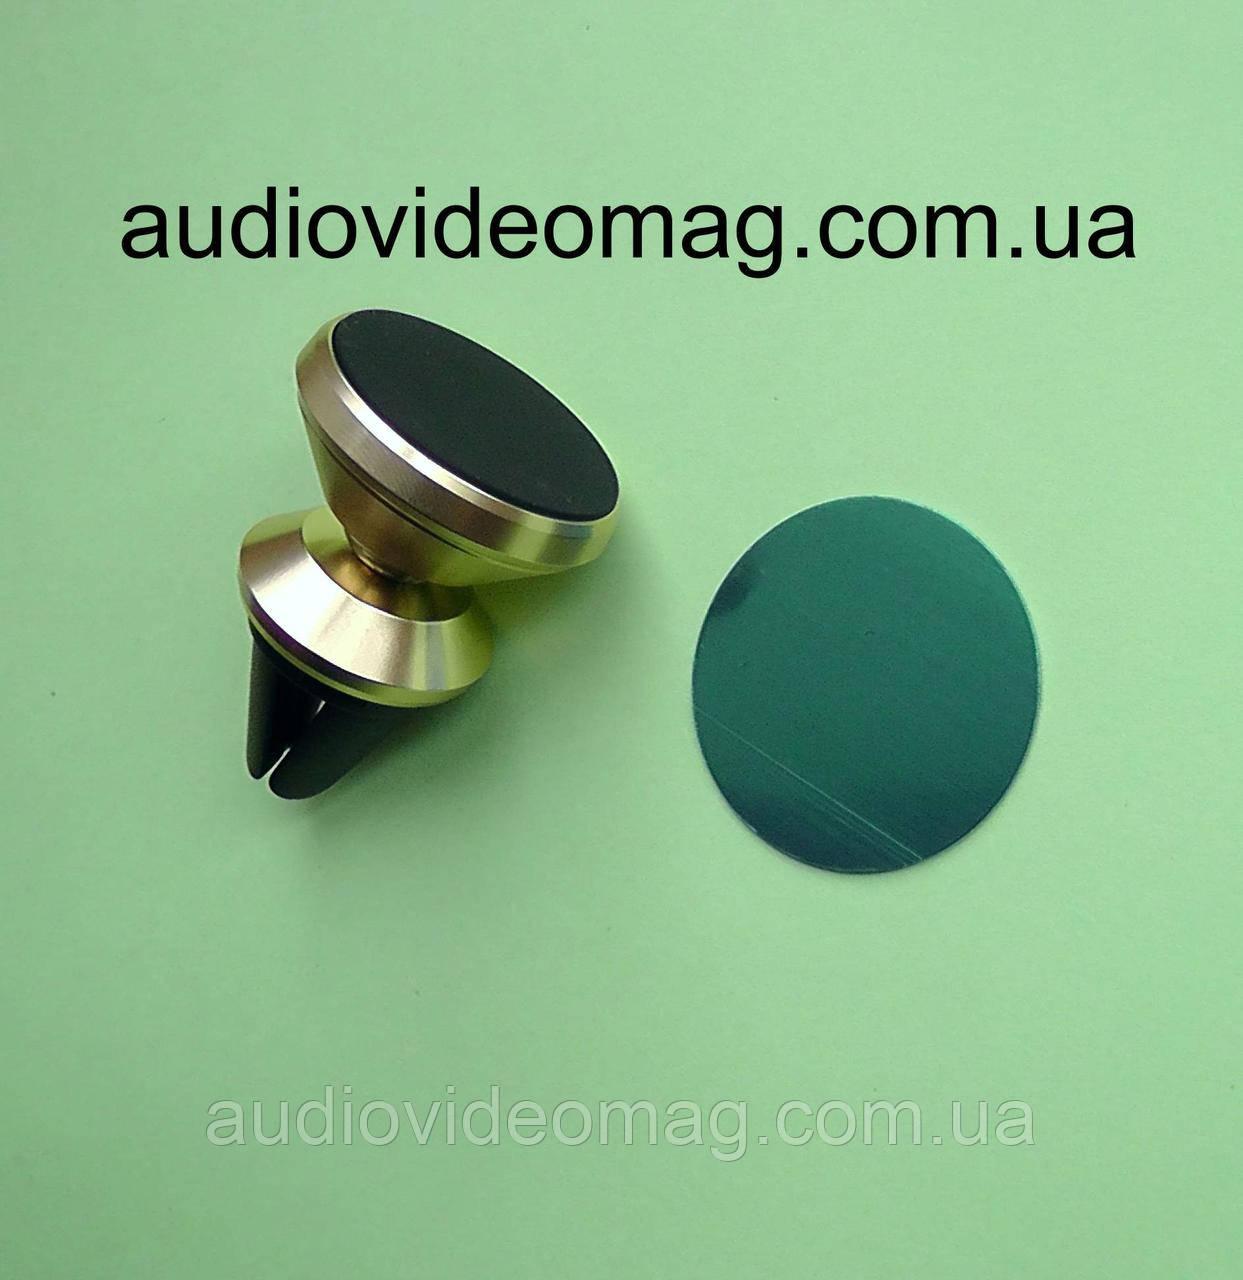 Магнитный держатель для мобильного телефона на решетку, металлический